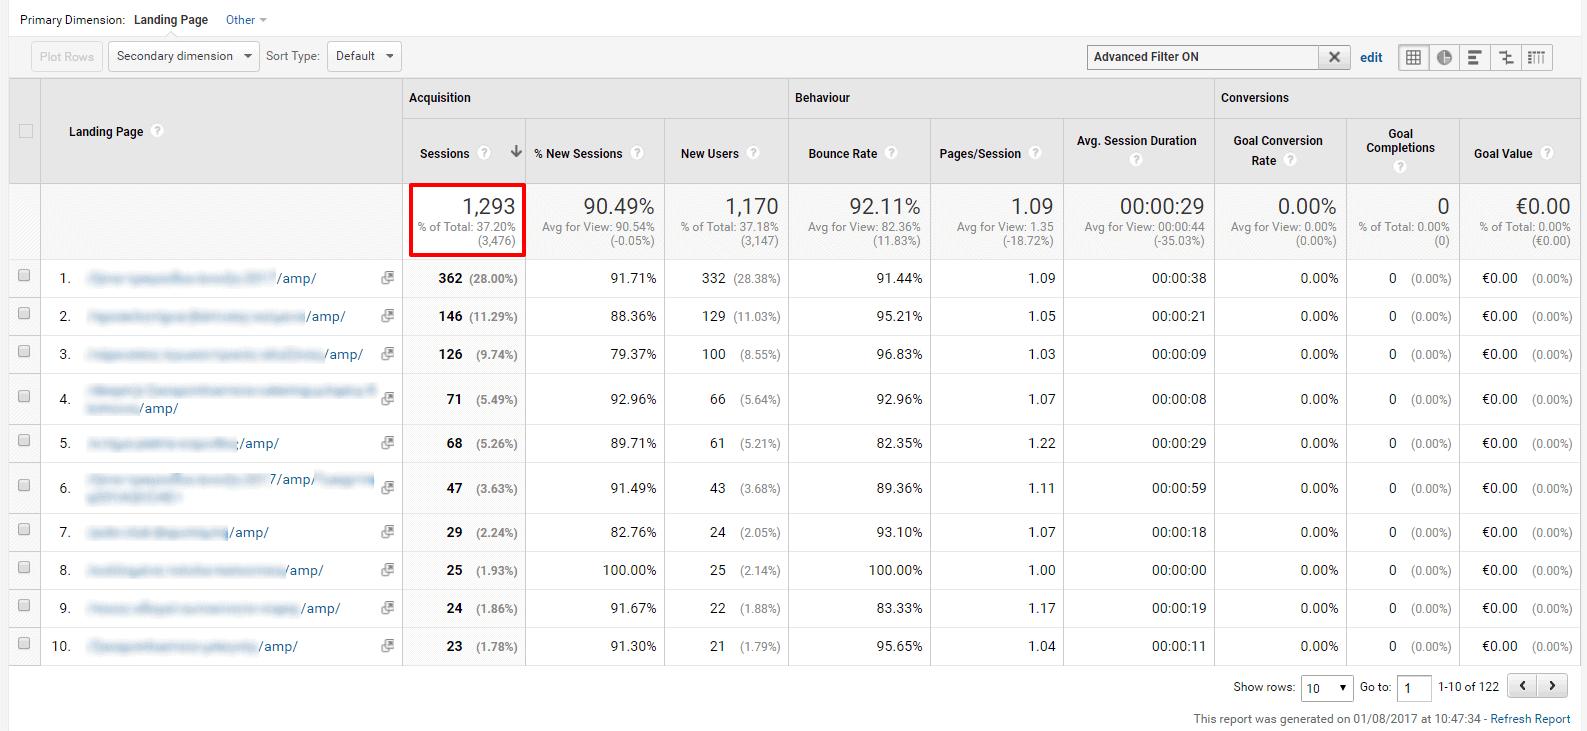 85.1% του Mobile Traffic Προέρχεται από τις AMP Σελίδες - 42.8% του Συνολικού Οργανικού Traffic της Ιστοσελίδας